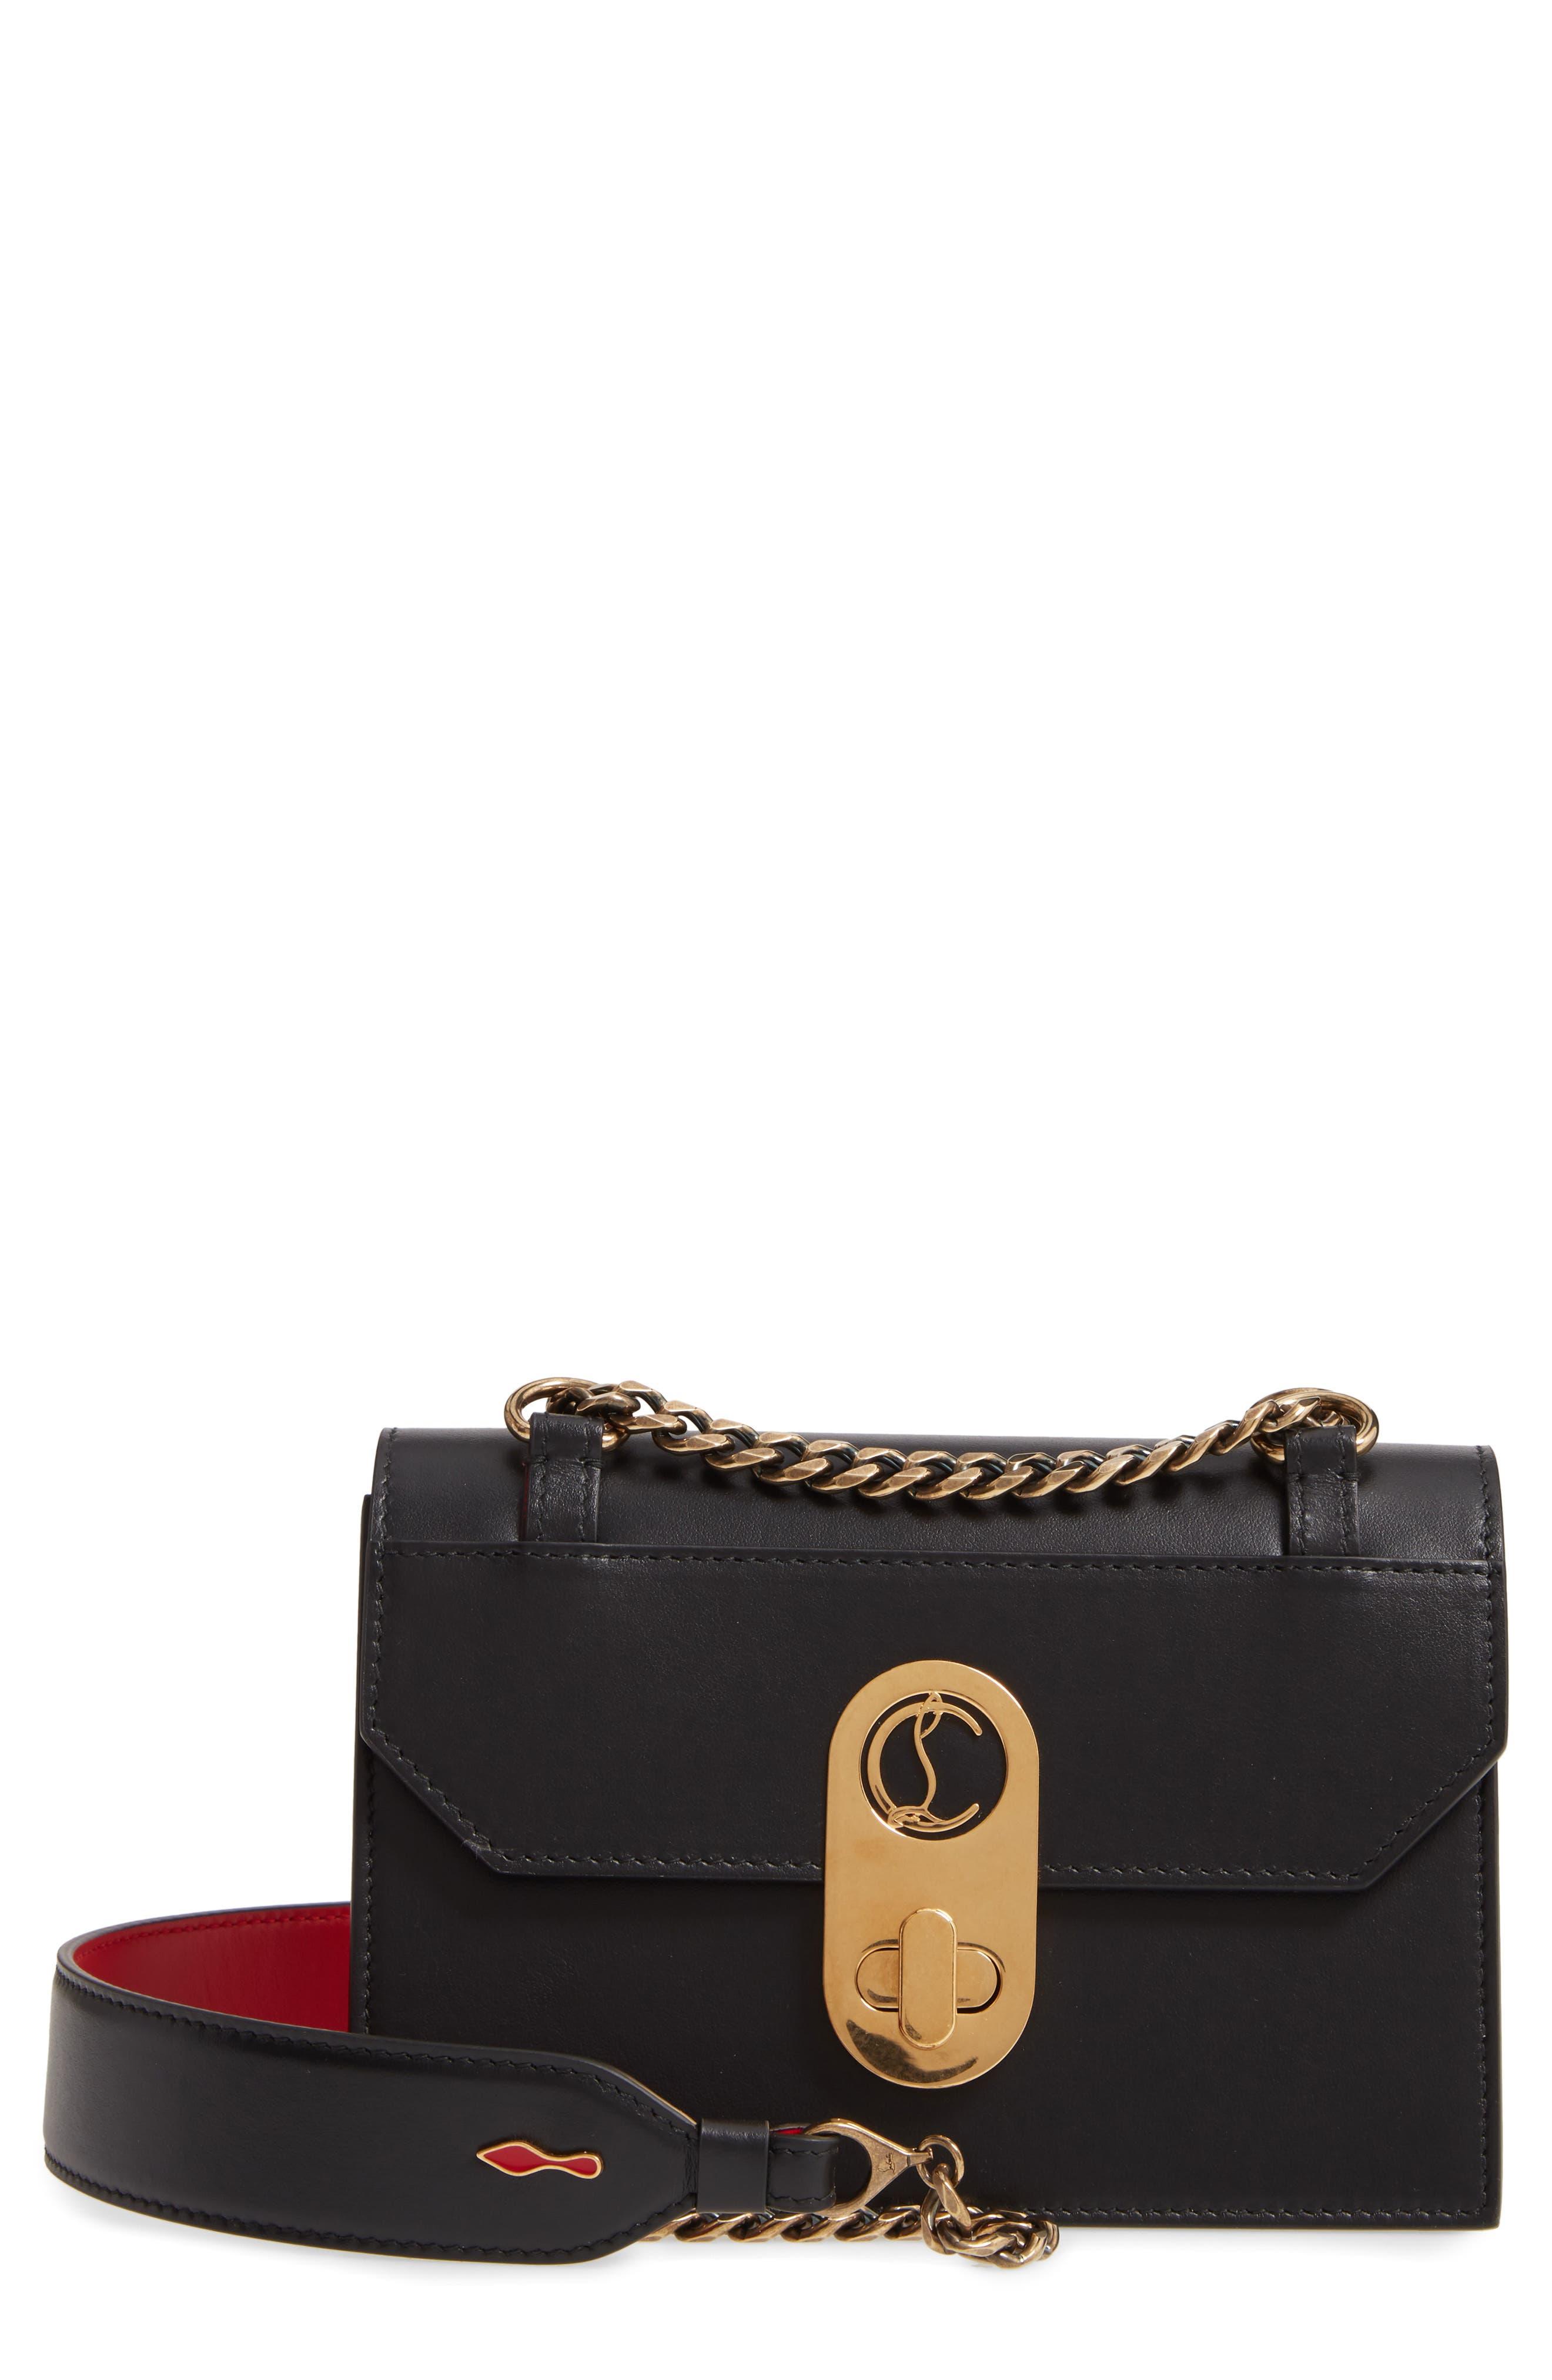 Christian Louboutin Mini Elisa Calfskin Leather Shoulder Bag | Nordstrom